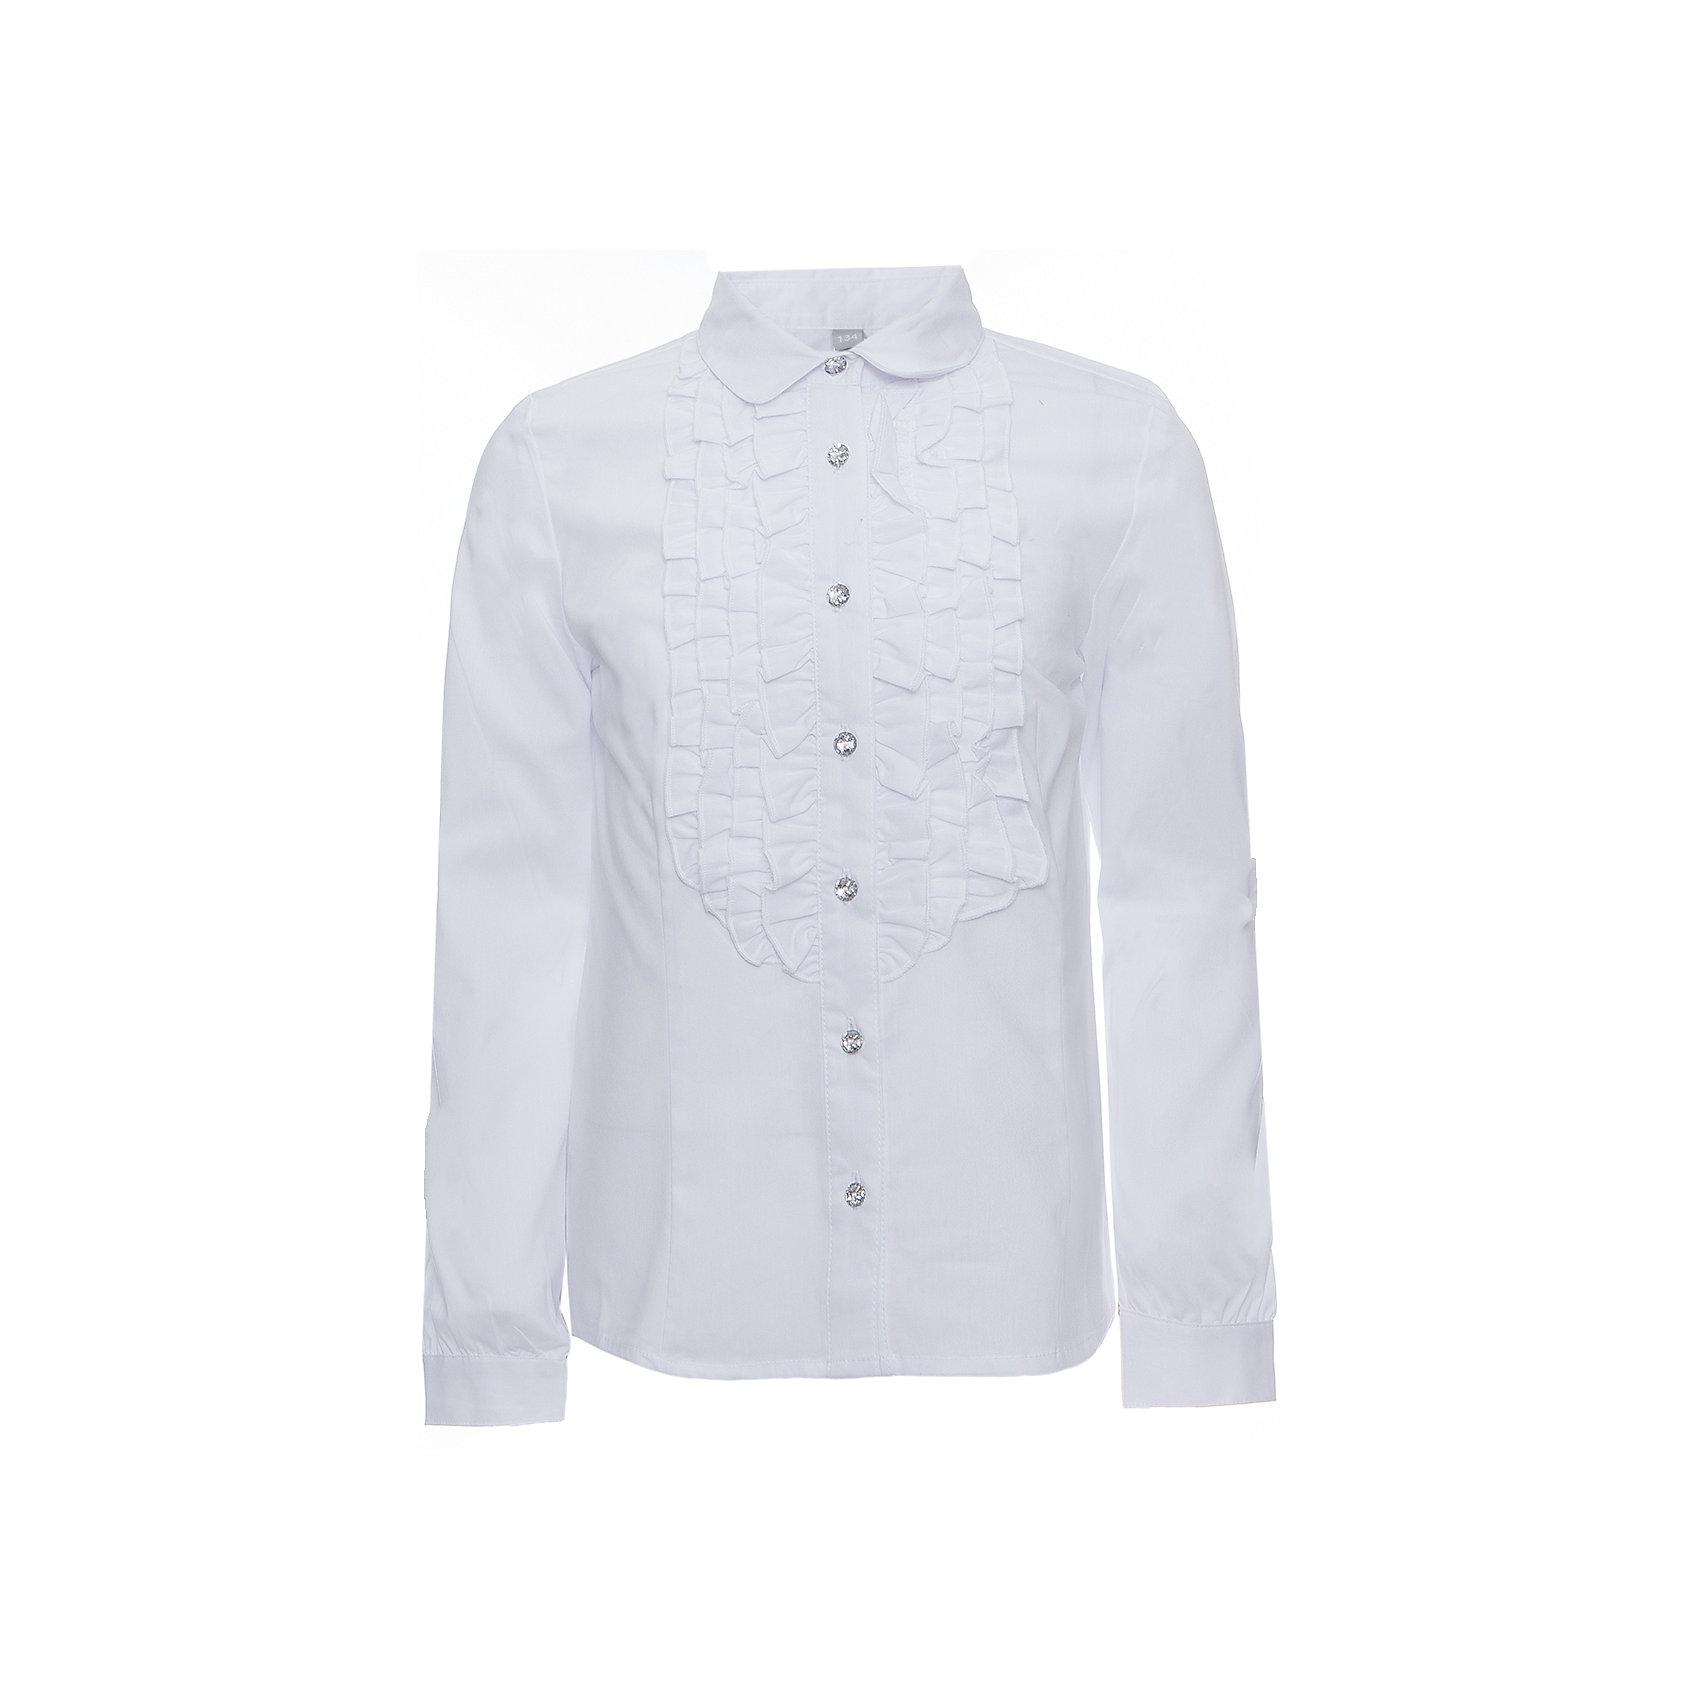 Блузка текстильная для девочки ScoolБлузки и рубашки<br>Блузка текстильная для девочки Scool<br>Блузка в классическом стиле сможет дополнить повседневный гардероб ребенка. Модель декорирована эффектными пуговицами и оборками на передней части. Длинные рукава блузки дополнены манжетами.<br>Состав:<br>68% хлопок, 28% полиэстер, 4% эластан<br><br>Ширина мм: 186<br>Глубина мм: 87<br>Высота мм: 198<br>Вес г: 197<br>Цвет: белый<br>Возраст от месяцев: 156<br>Возраст до месяцев: 168<br>Пол: Женский<br>Возраст: Детский<br>Размер: 164,122,128,134,140,146,152,158<br>SKU: 6754800